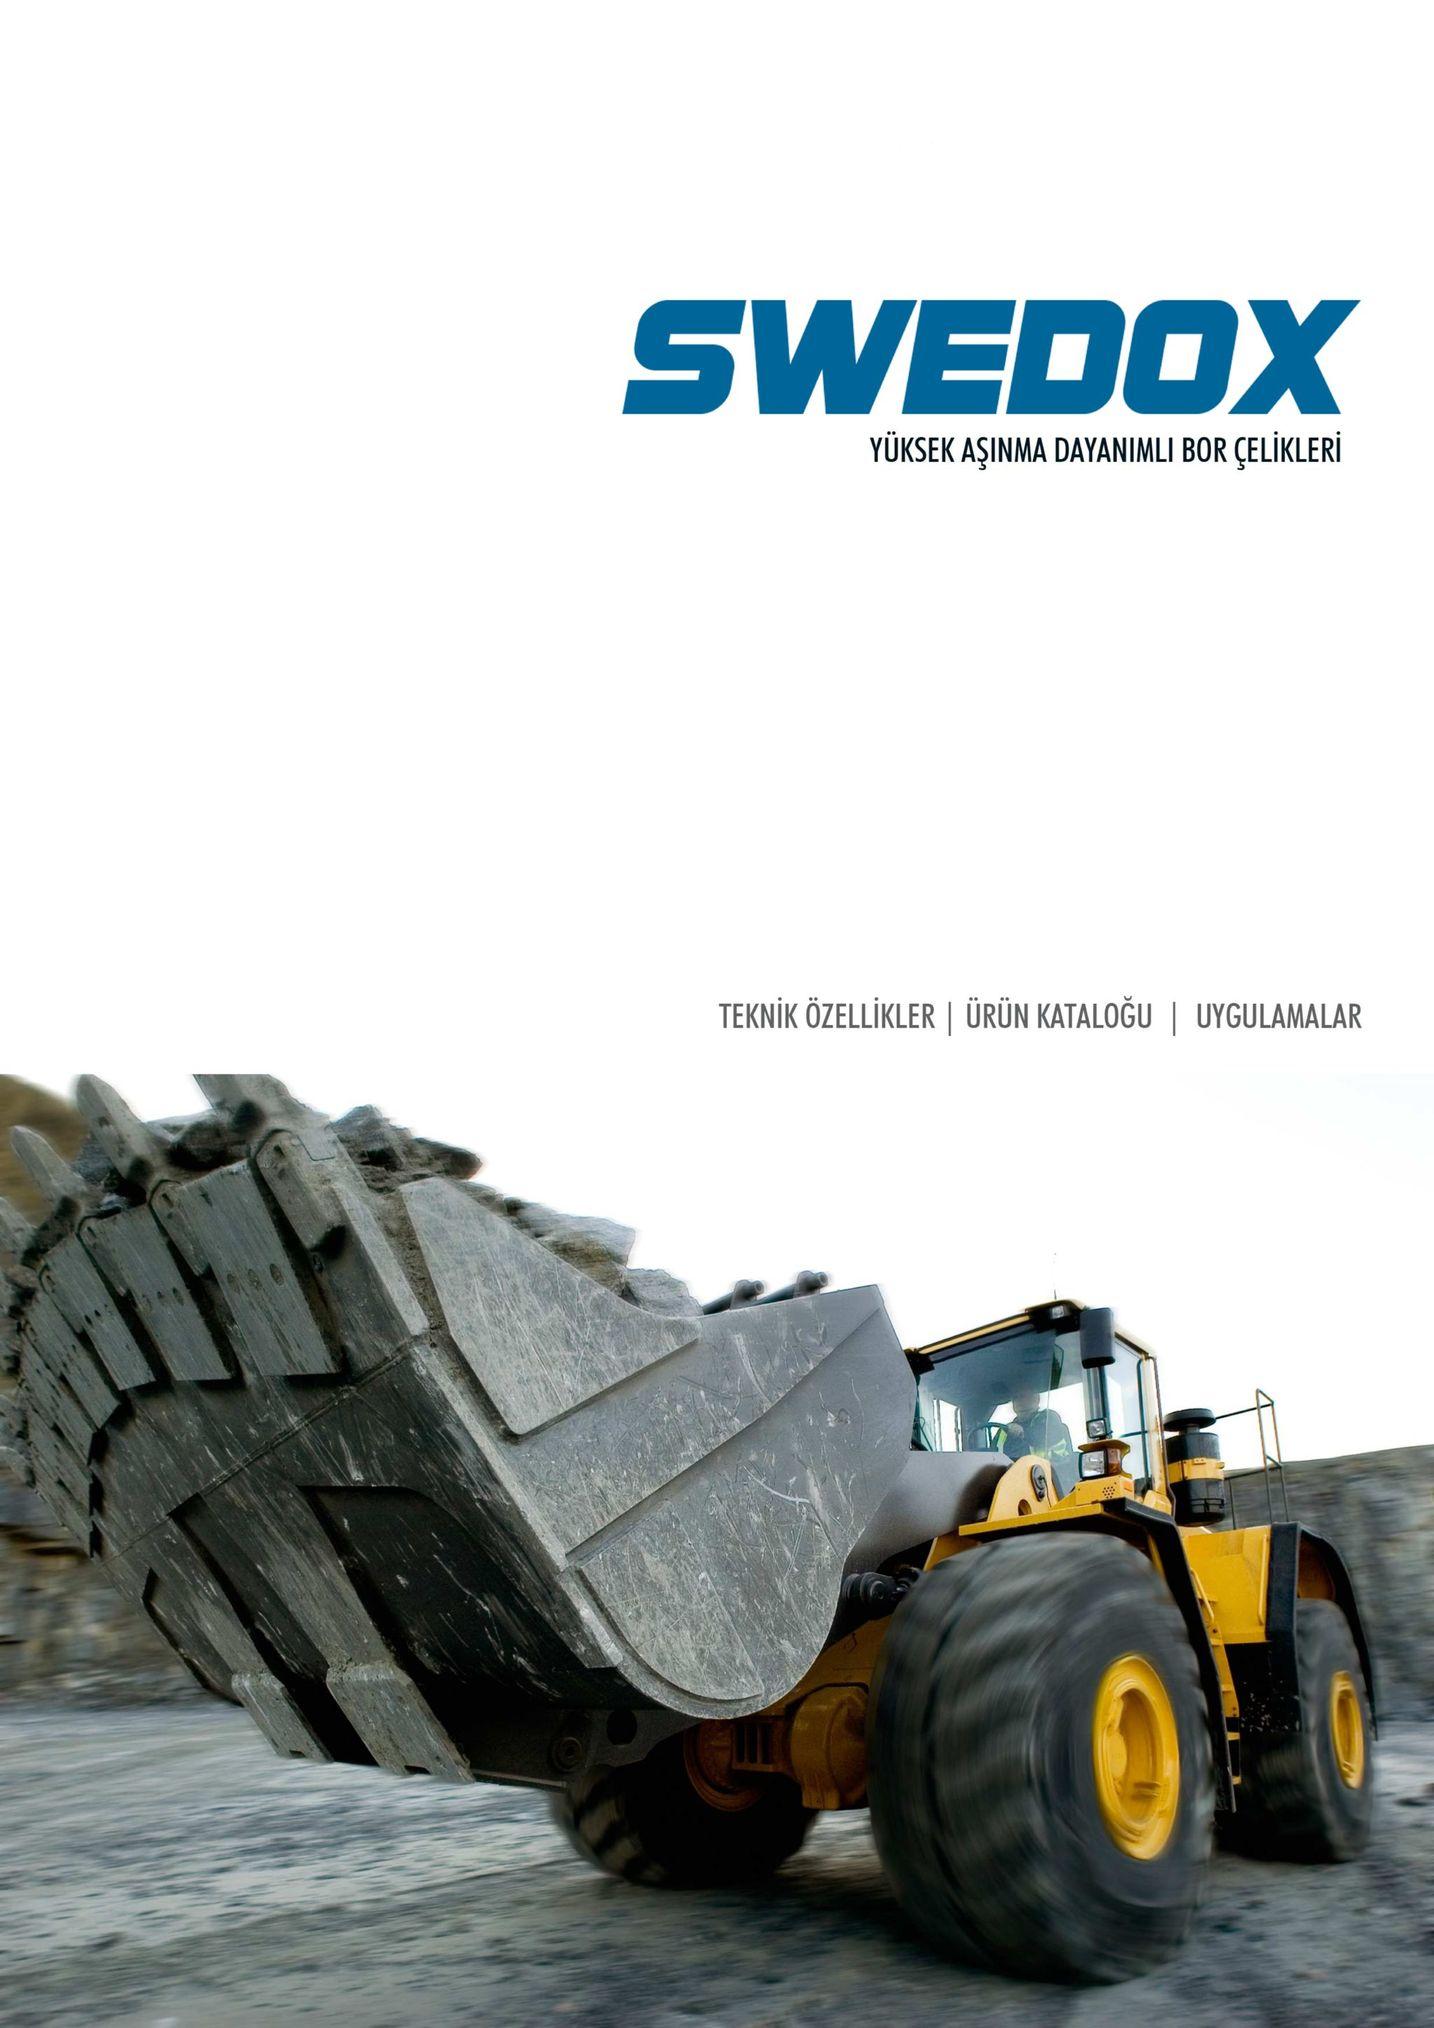 swedox yüksek aşinma dayanimli bor çelikleri teknik özellikleri ürün kataloğu | uygulamalar